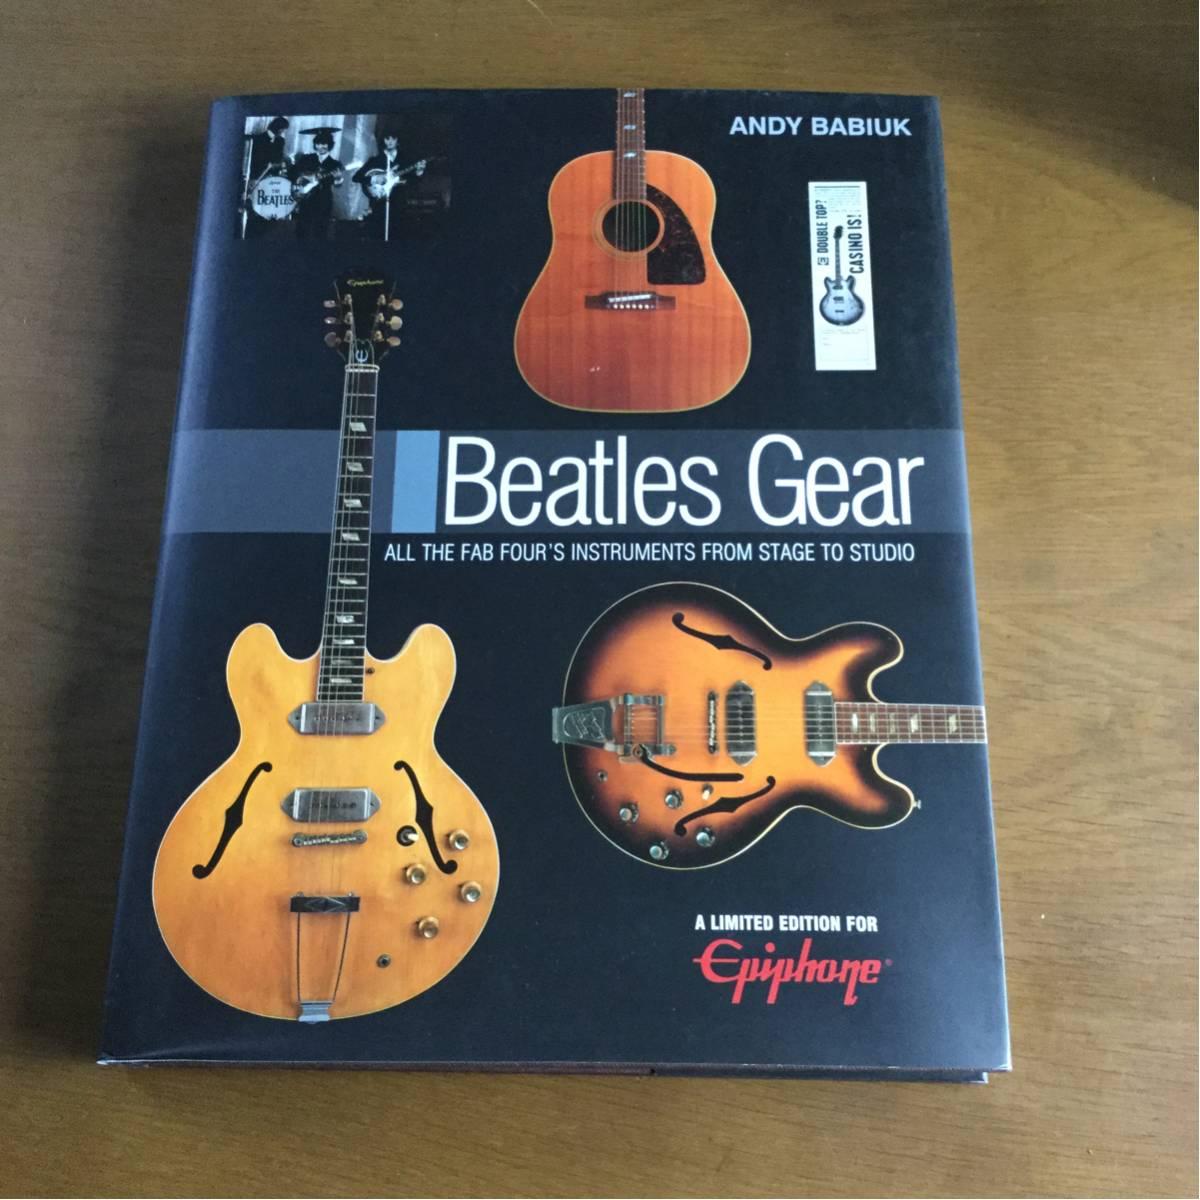 ☆ 良品☆ Beatles Gear ビートルズ ギアー シリアルナンバーあり ANDY BABlUK 洋書,楽器 ギター ライブグッズの画像